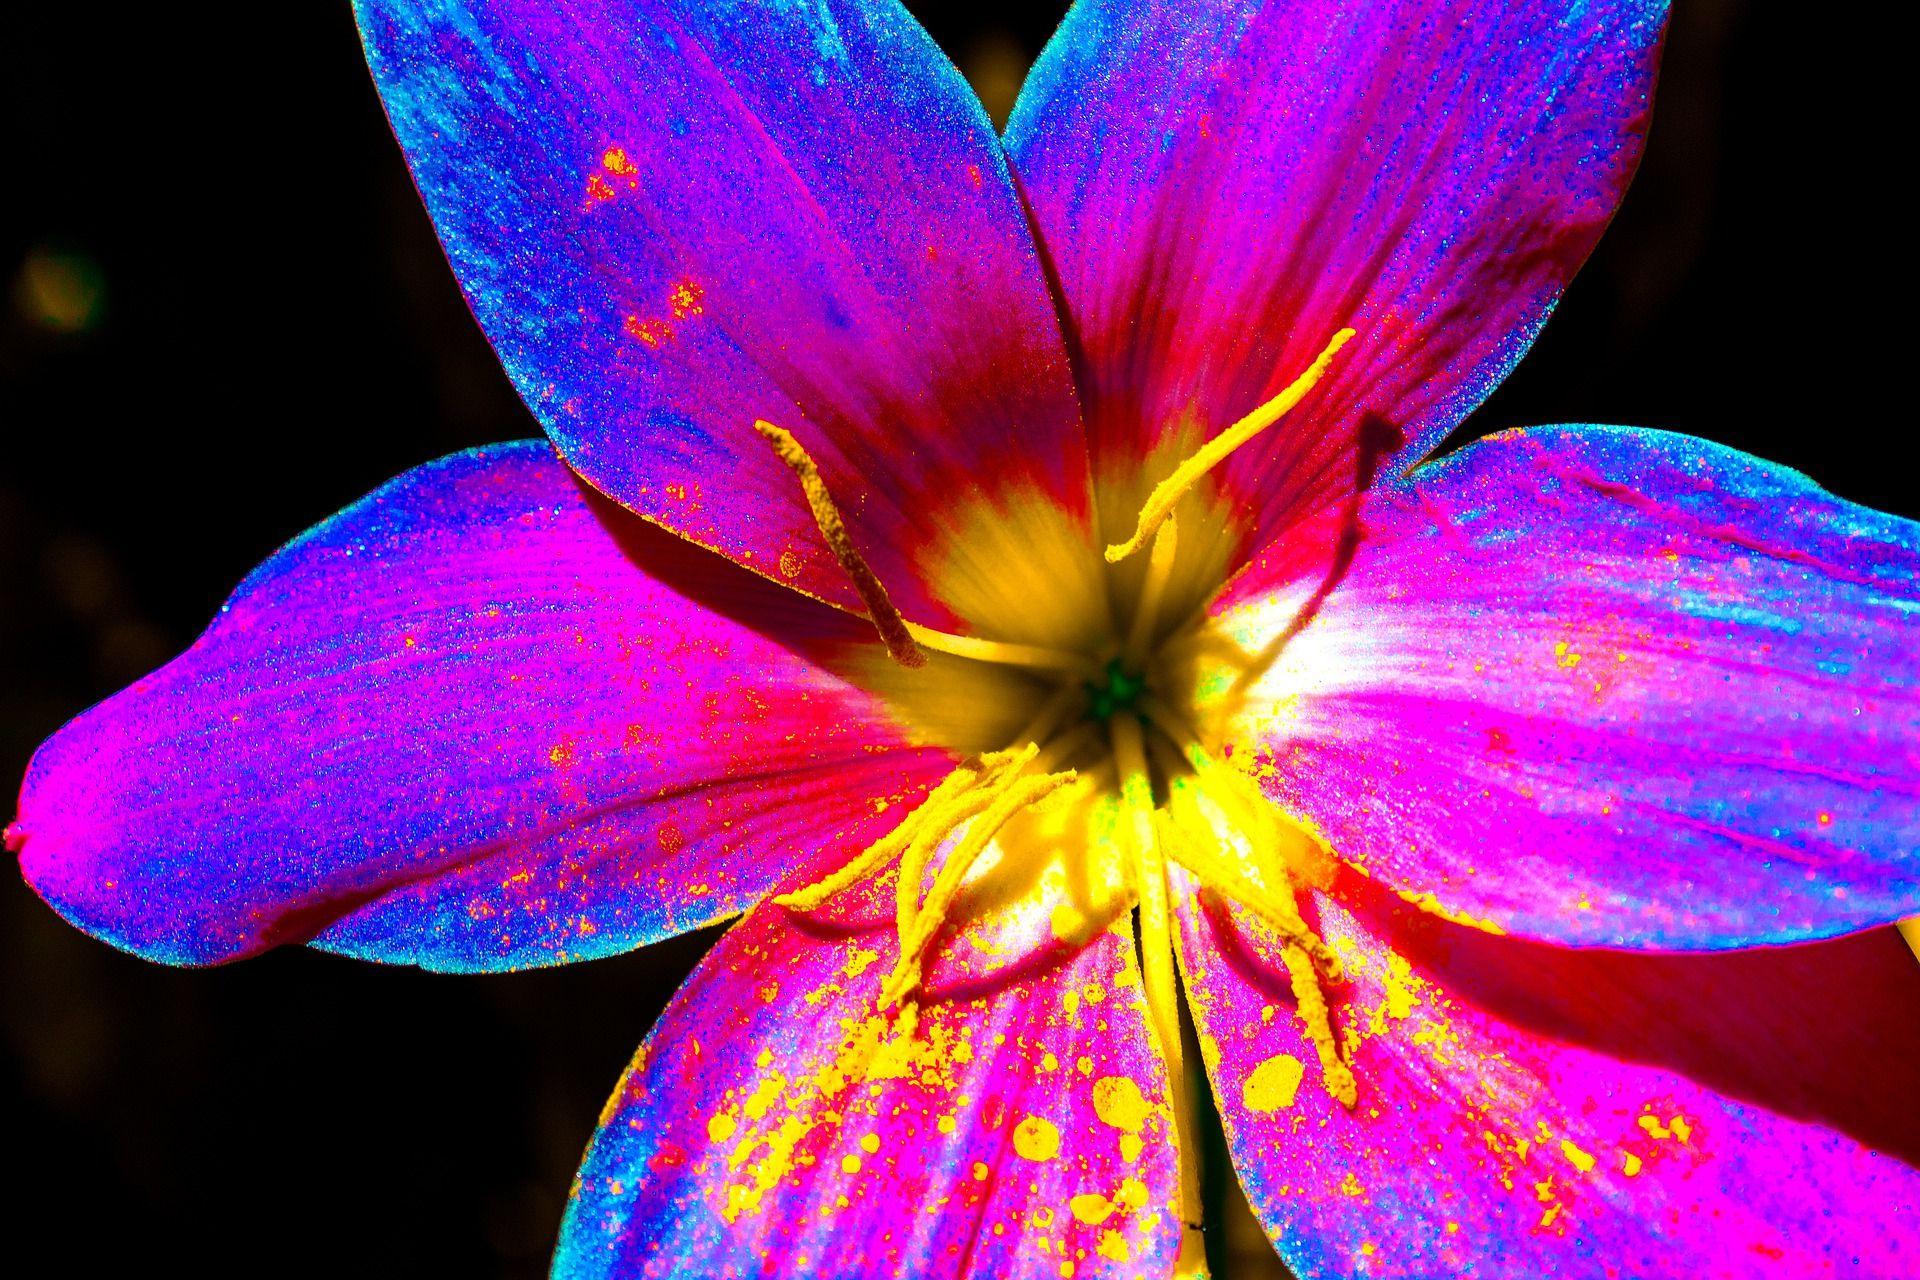 Vibrant! Colorful! Creative!